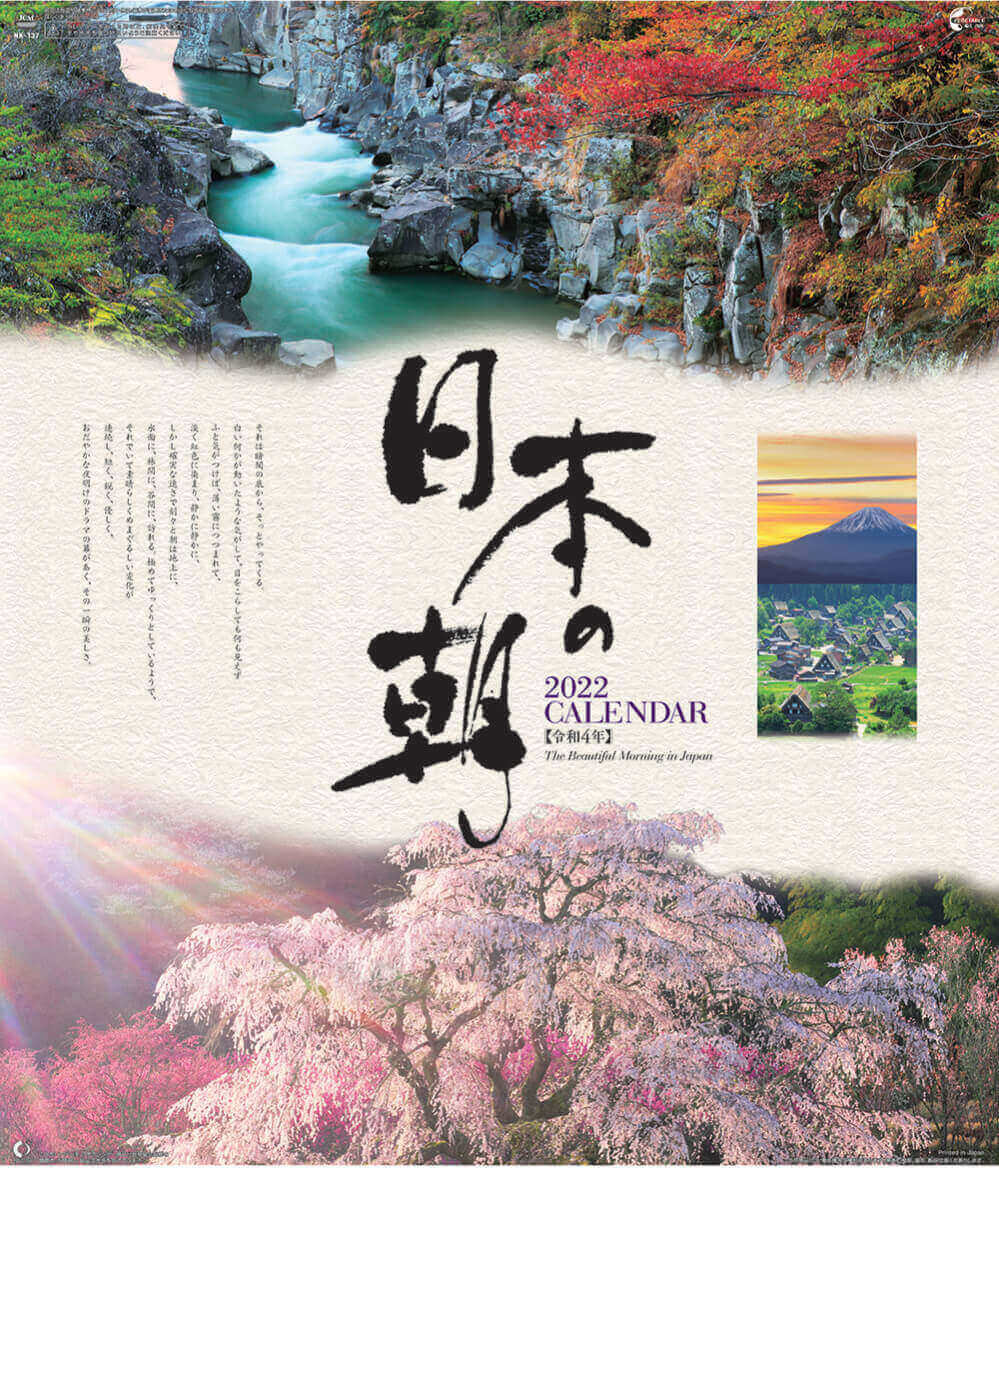 日本の朝 2022年カレンダーの画像